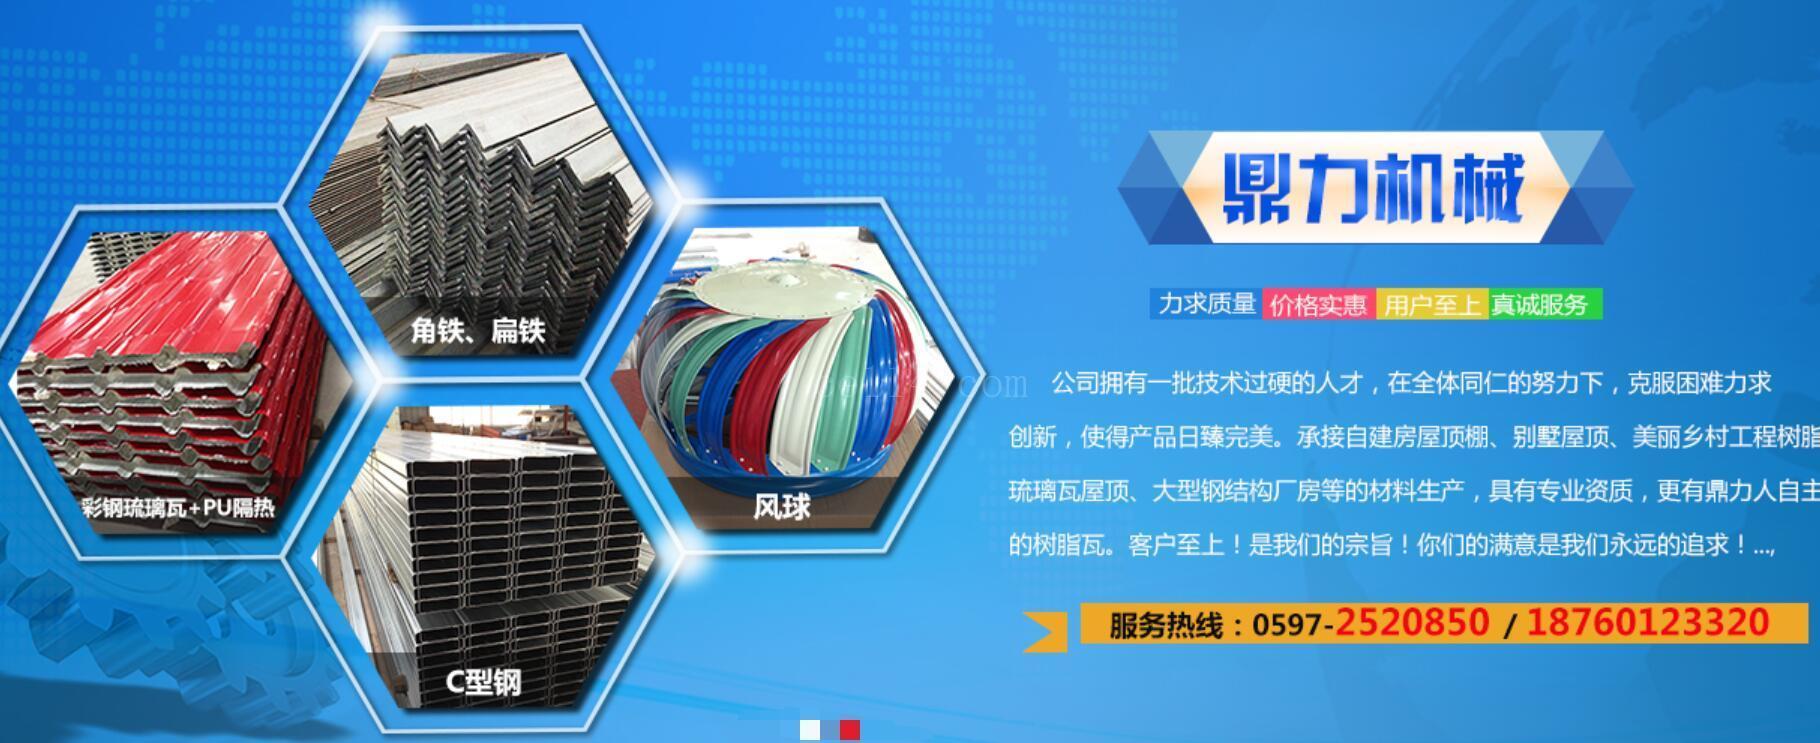 公司简介-龙岩鼎力机械设备制造有限公司